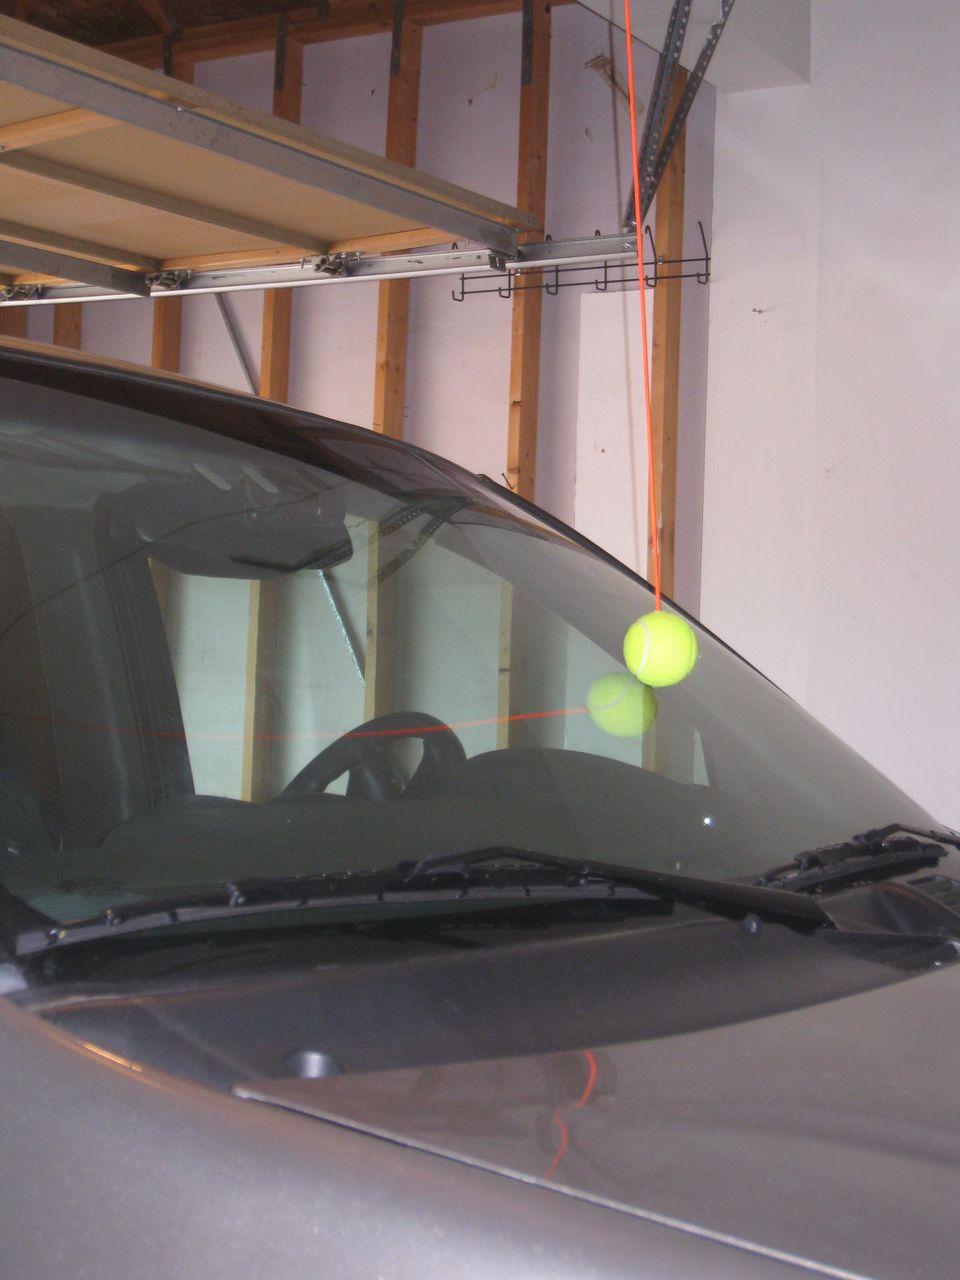 Tennis ball parking aid